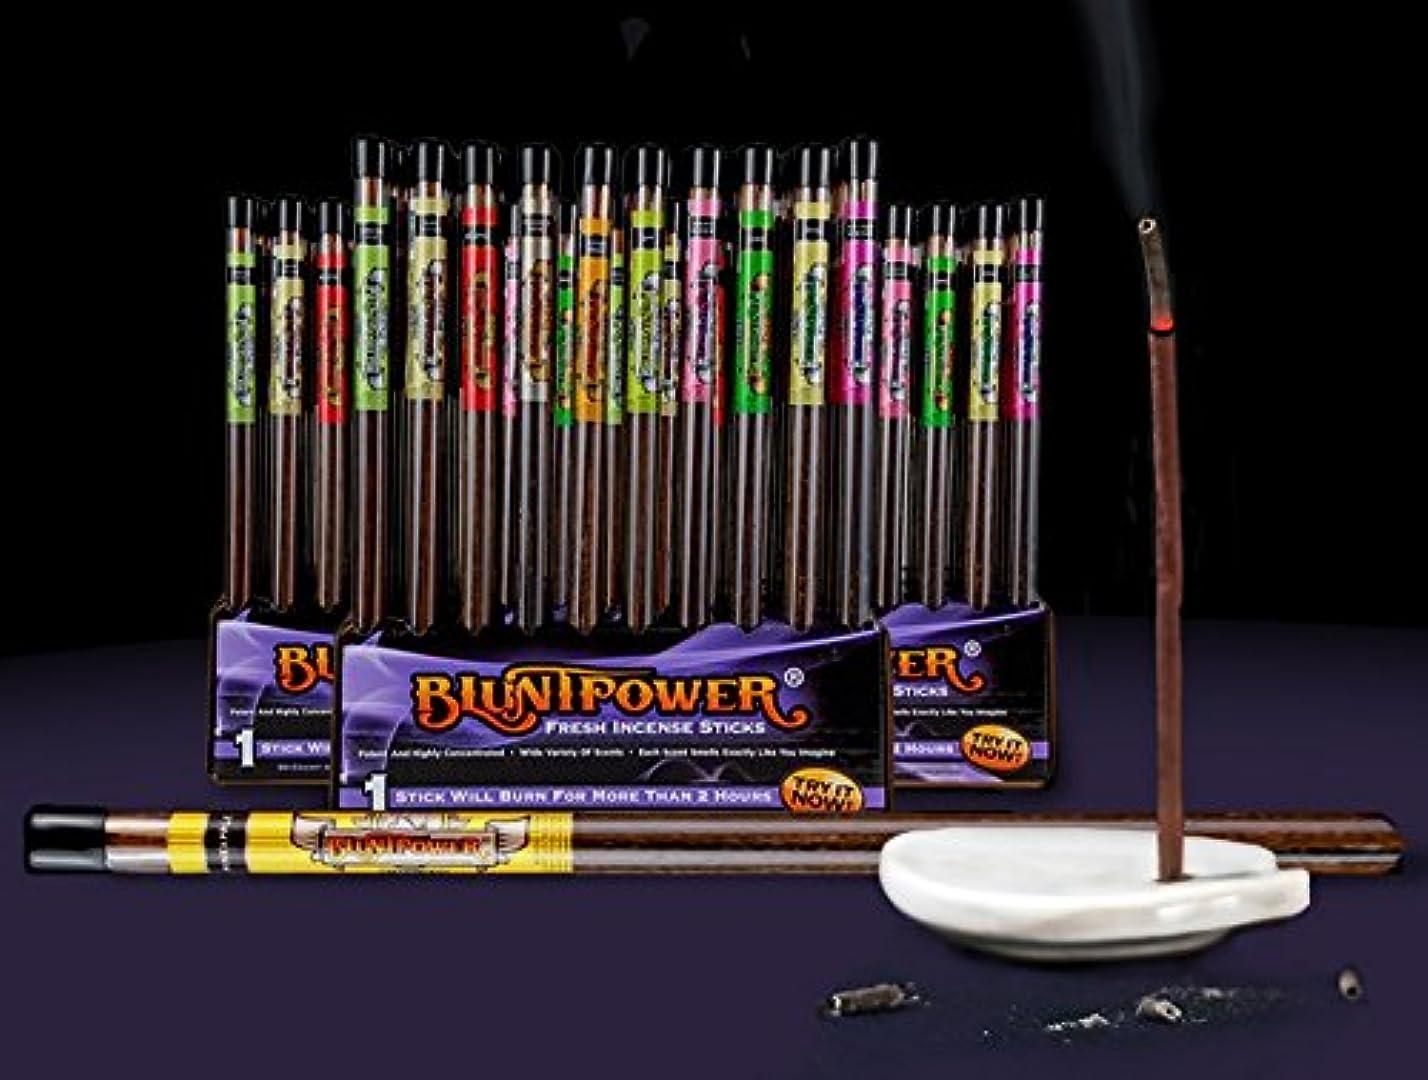 セットするスプーン行BluntPower Air Freshener Fresh Incense Sticks Assorted Scents ( 6ctパックof 10 ) – バルクパック、NOダンボール表示